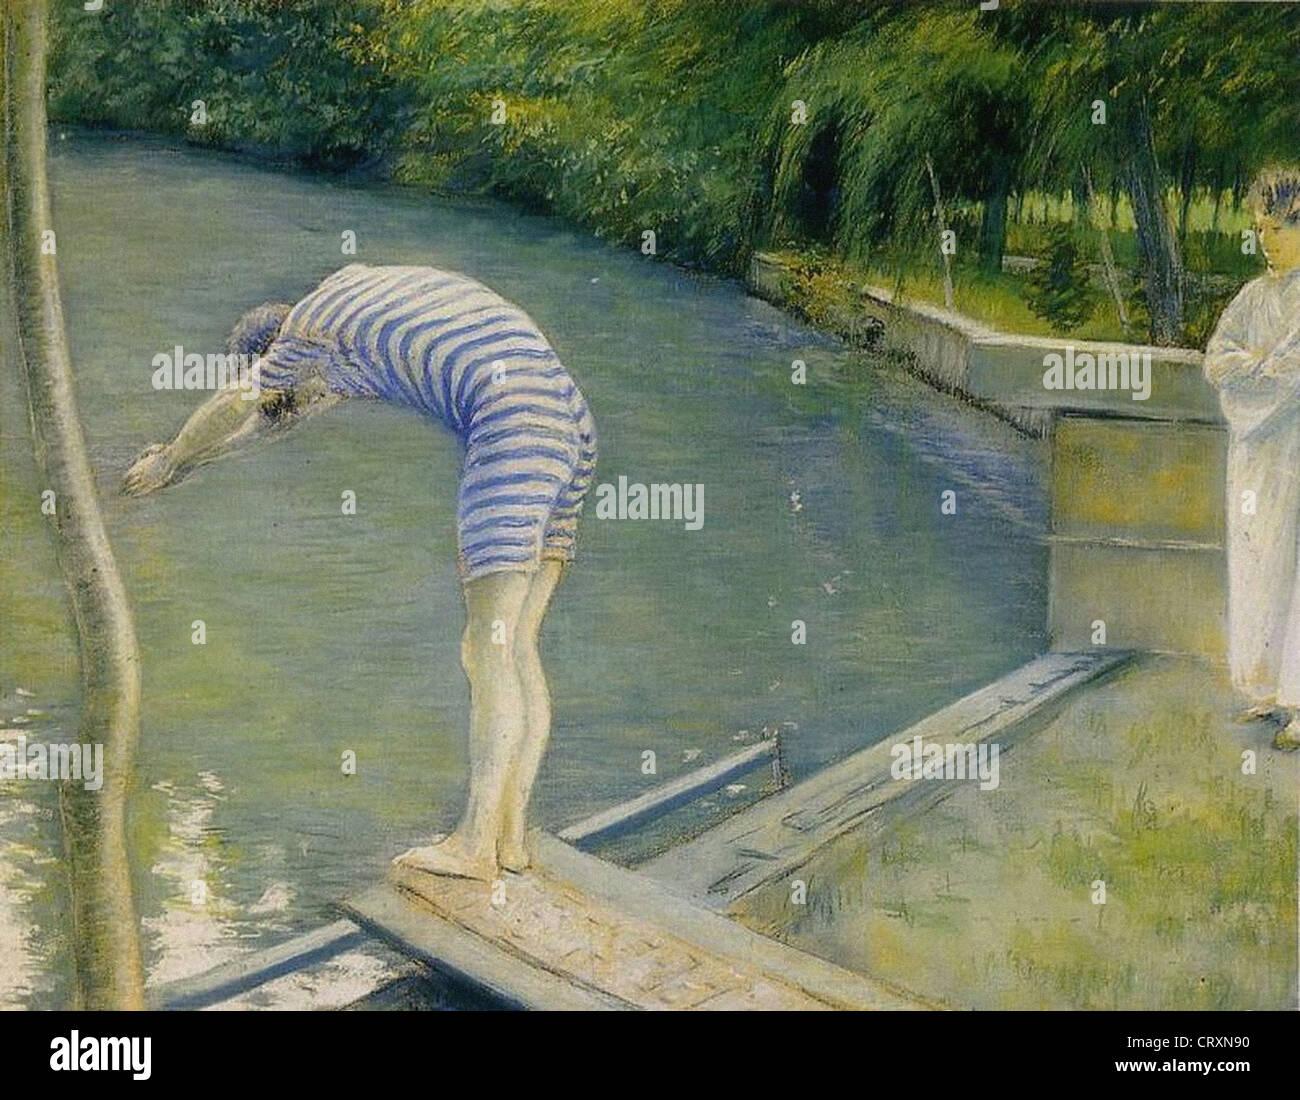 Gustave Caillebotte Le nageur 1877 Paris - Musée d'Orsay Stock Photo